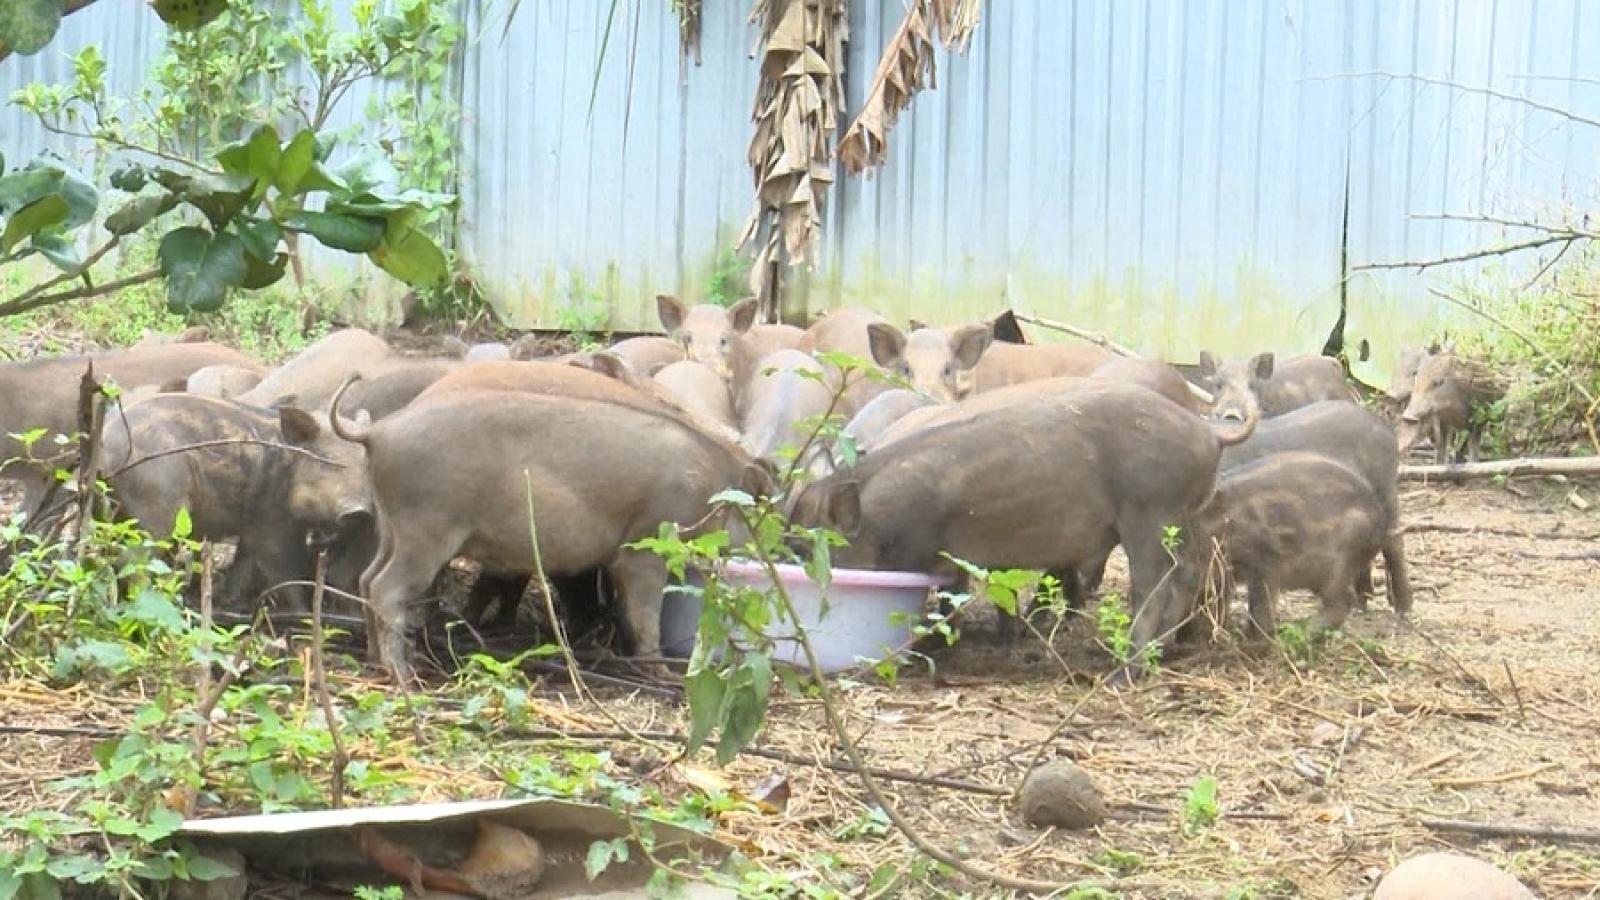 Thiếu nguồn cung, giá thịt lợn rừng ở Hậu Giang tăng gần gấp đôi